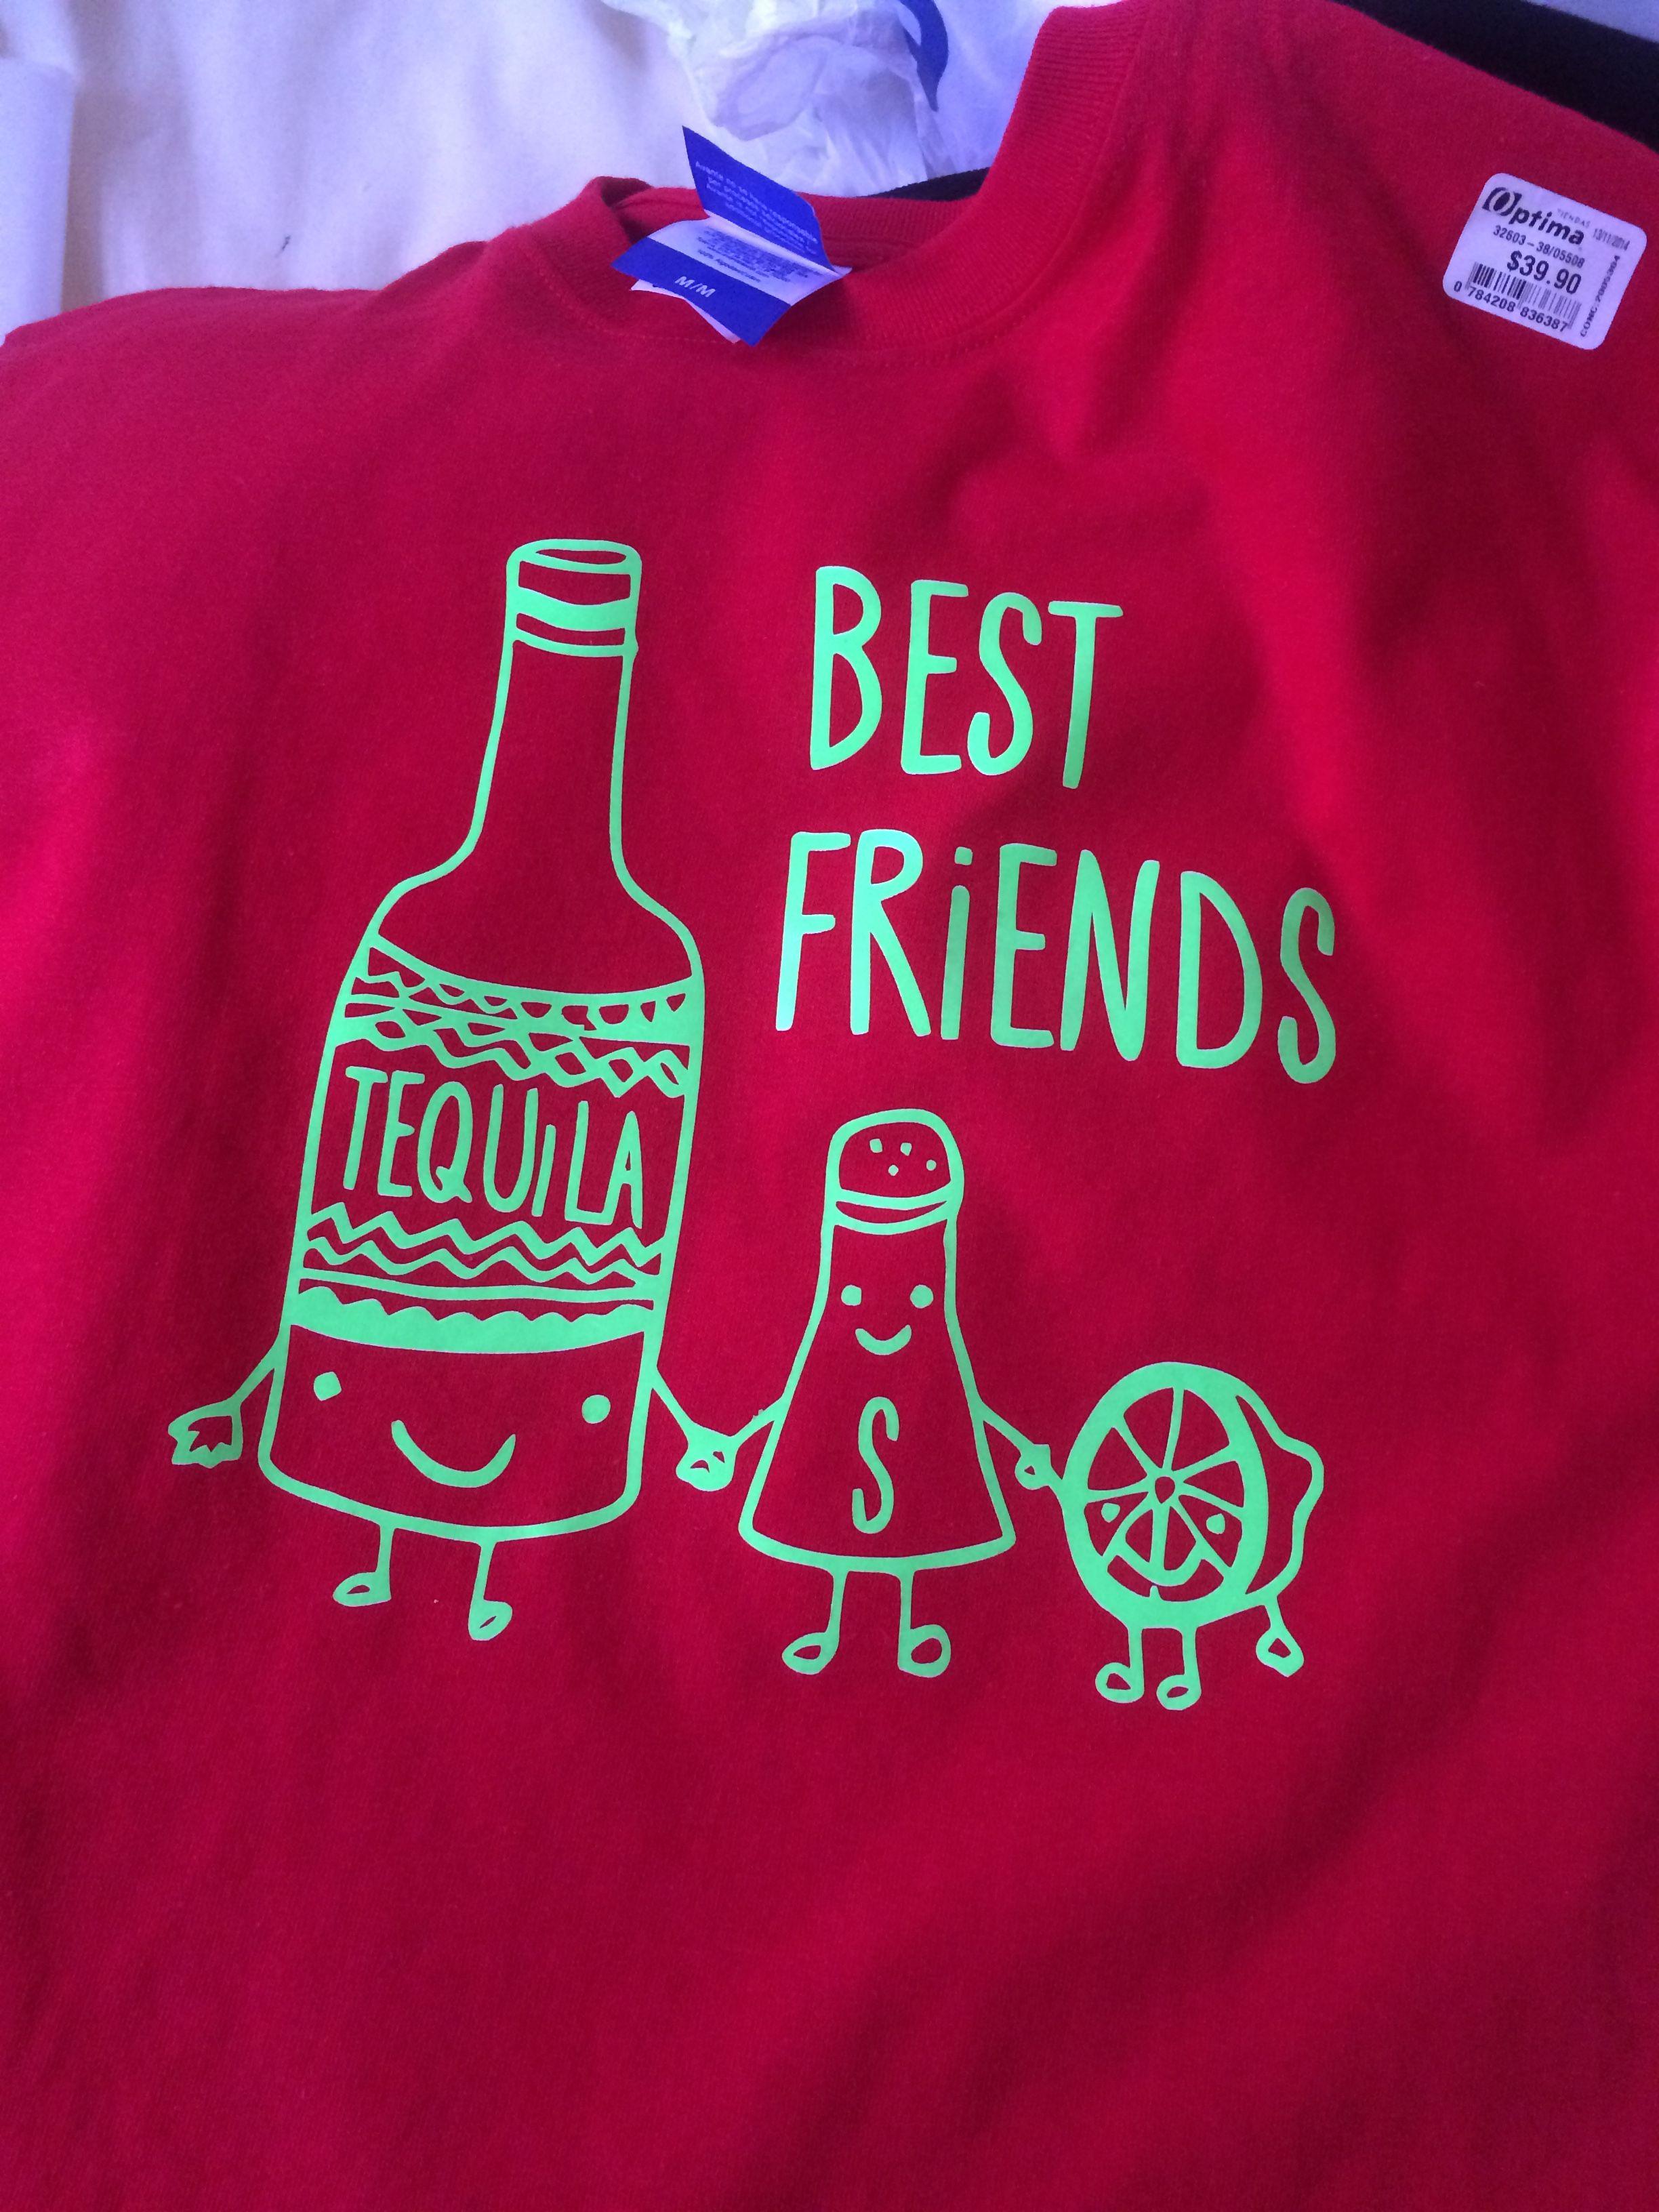 Playera 100% algodón adulto personalizada y estampada en vinil textil  Tequila Best Friends d2779e47022e8